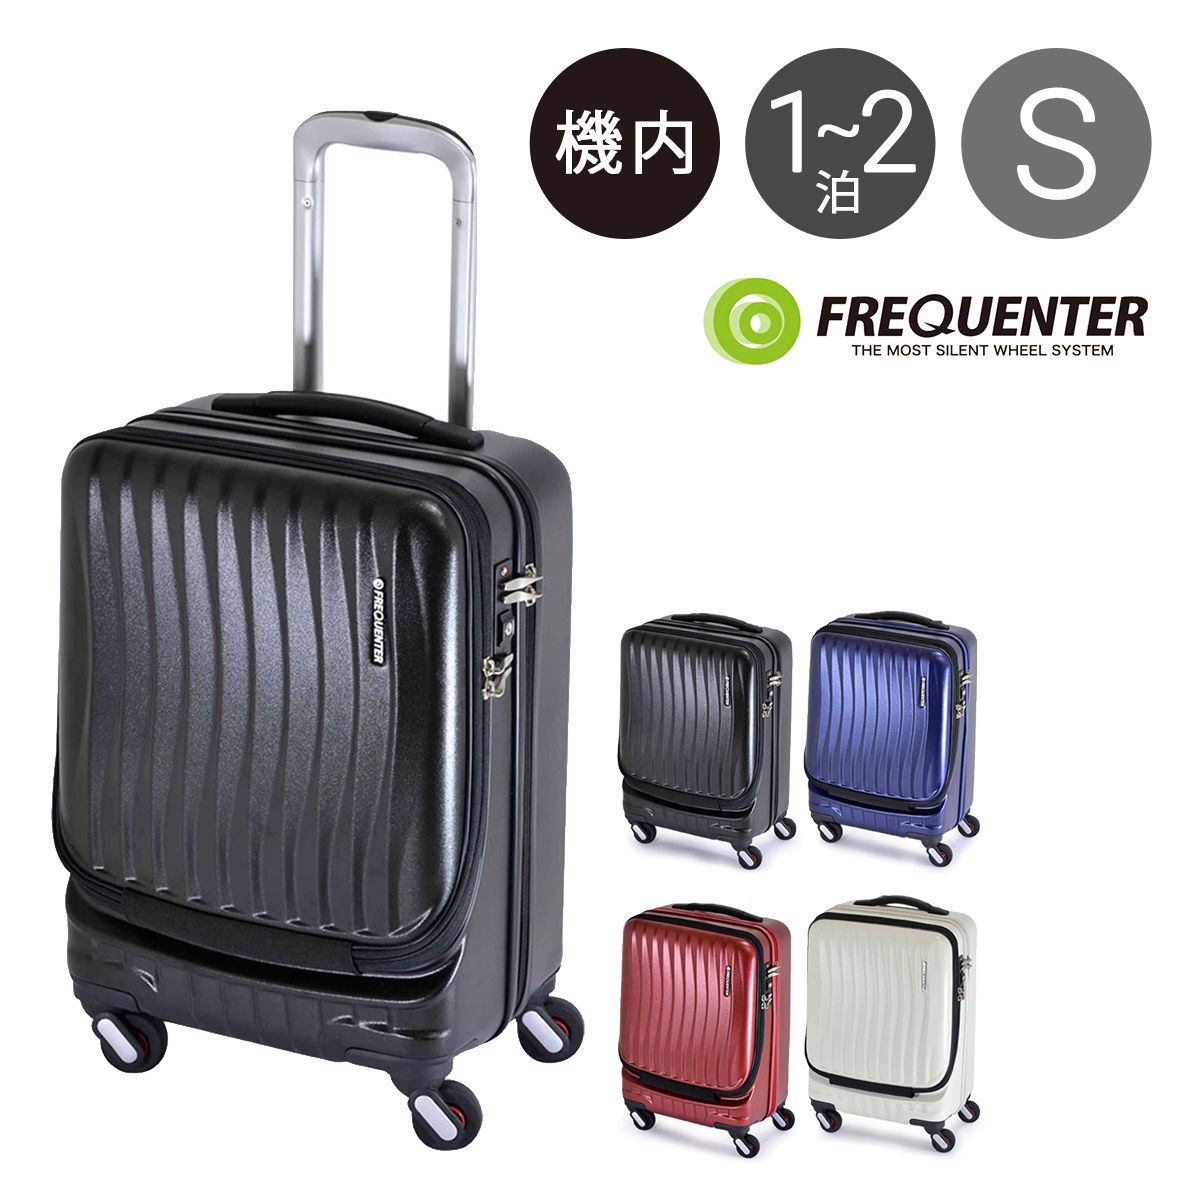 FREQUENTER スーツケース メンズ レディース ユニセックス 46cm フロントオープン エンドー鞄 キャリーケース 静音 機内持ち込み可 TSAロック搭載 CLAM クラム 1-210 フリクエンター[PO10][bef]